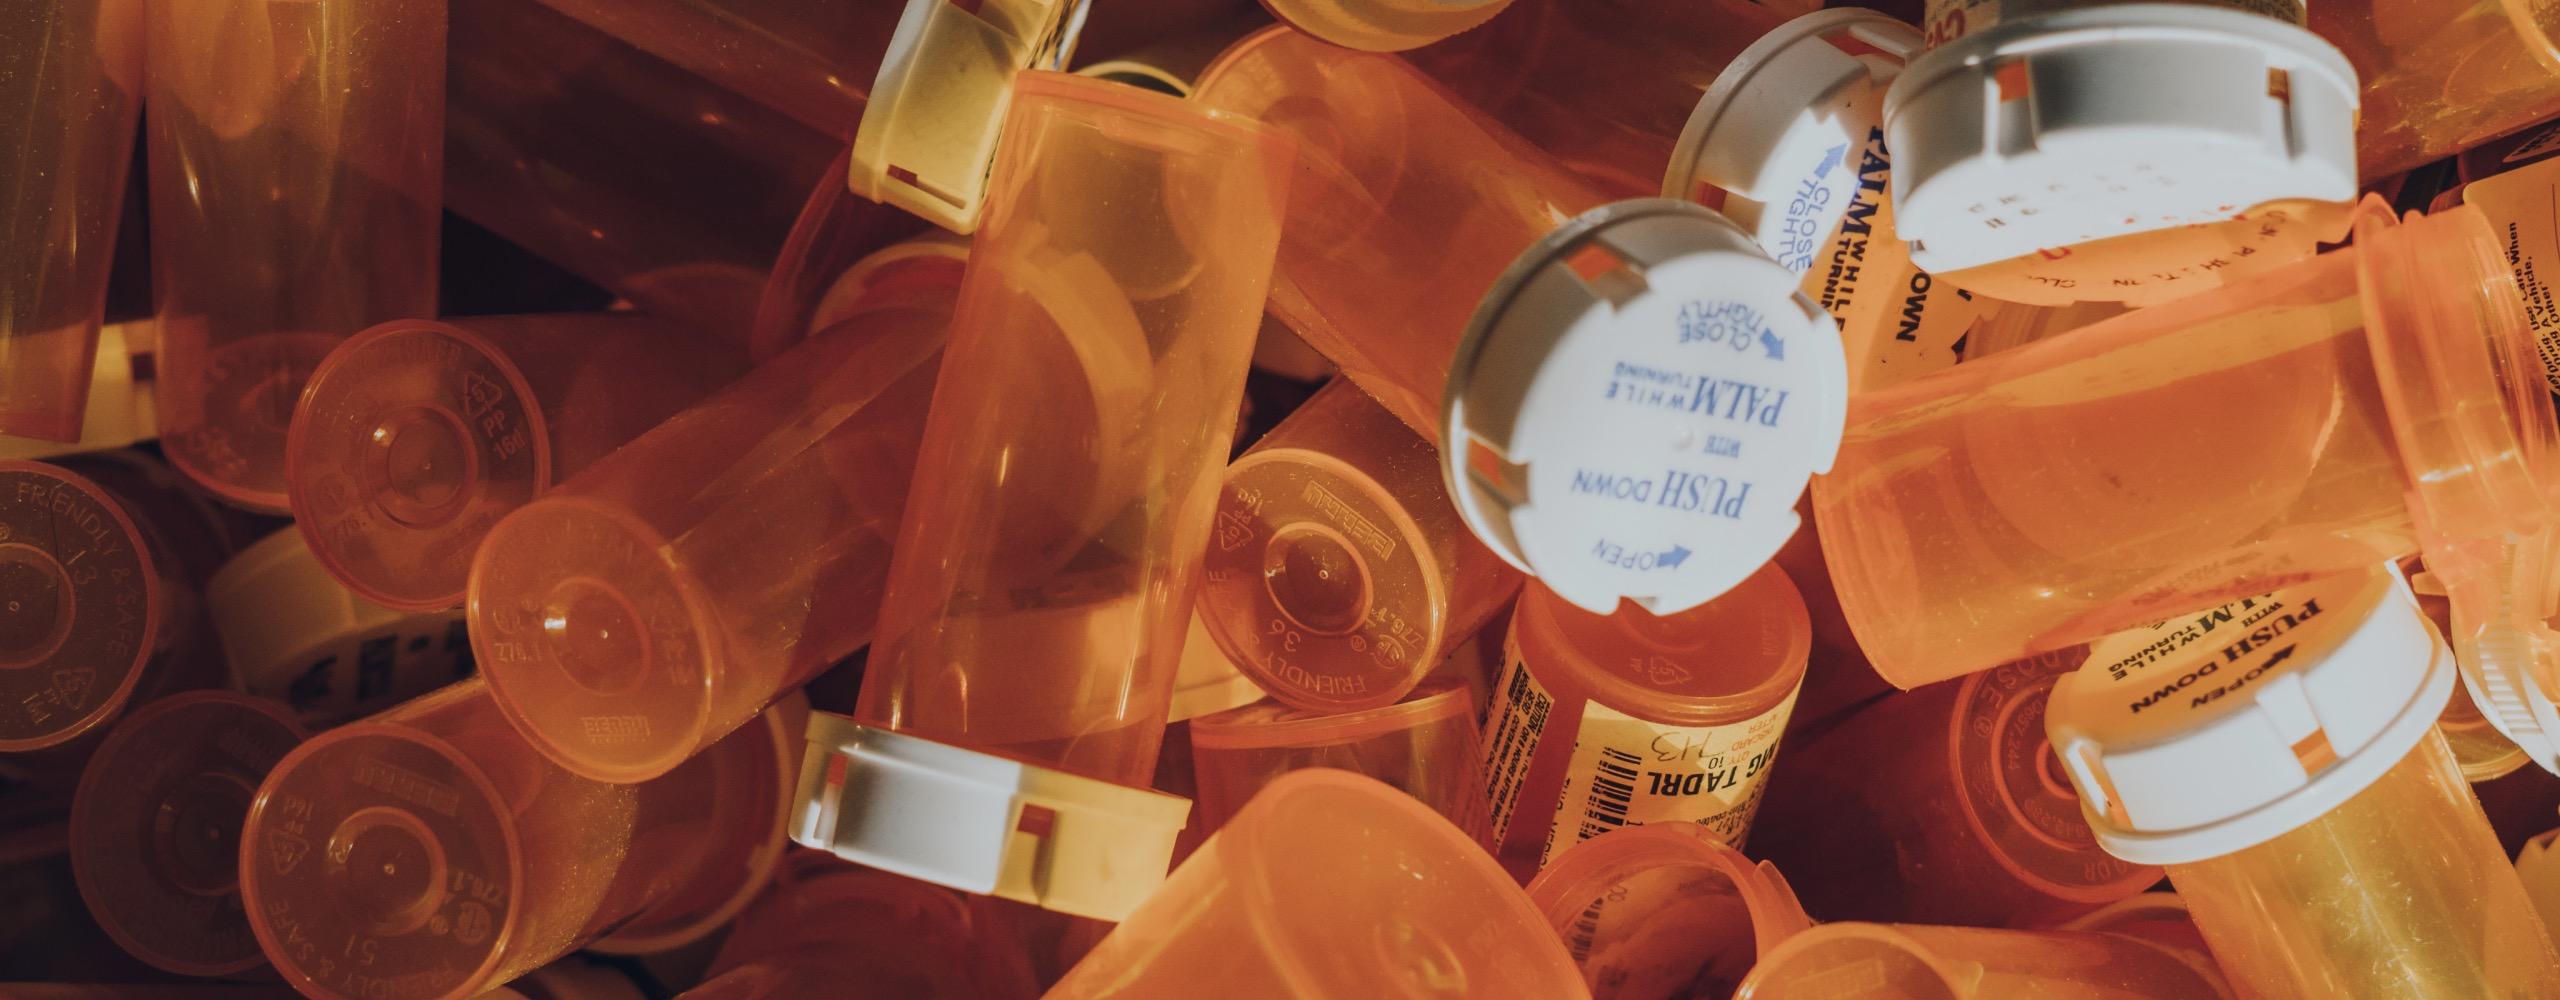 A pile of empty prescription bottles